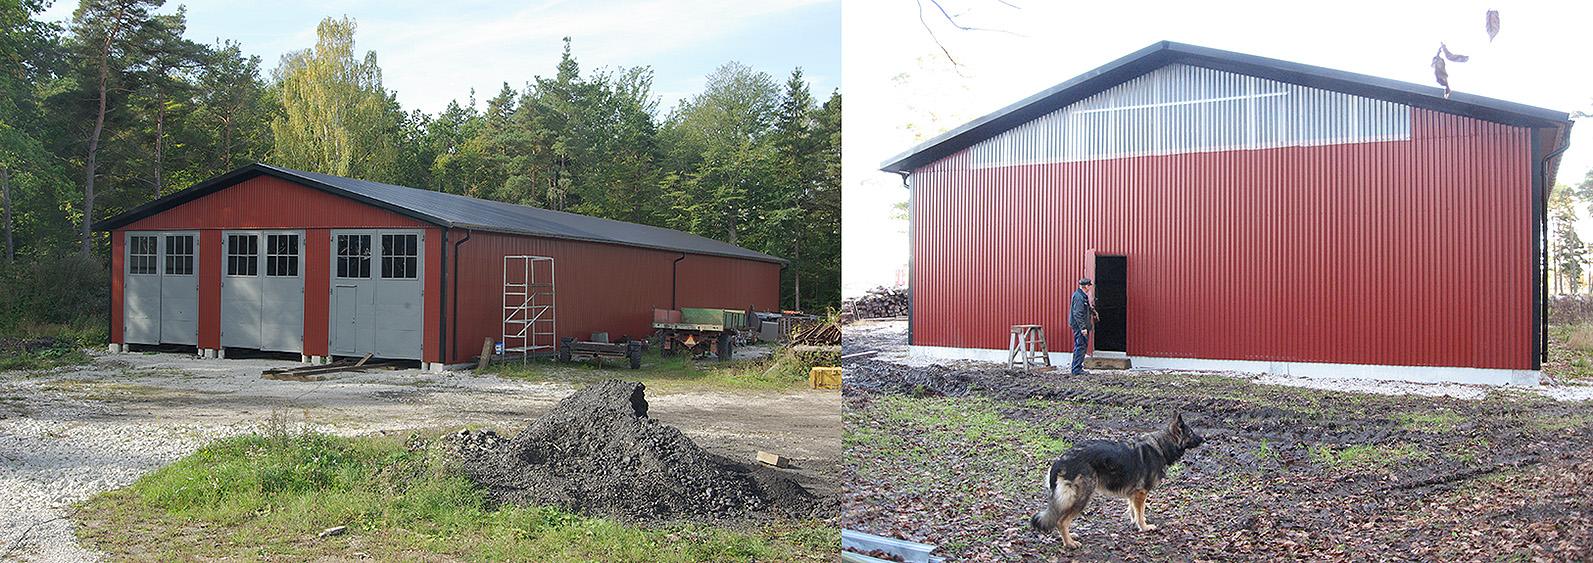 Till vänster: Vagnhall 2. Gaveln mot söder. 26 sept. 2008. Till höger: Vagnhall 2. Den norra gaveln den 14 dec. 2007